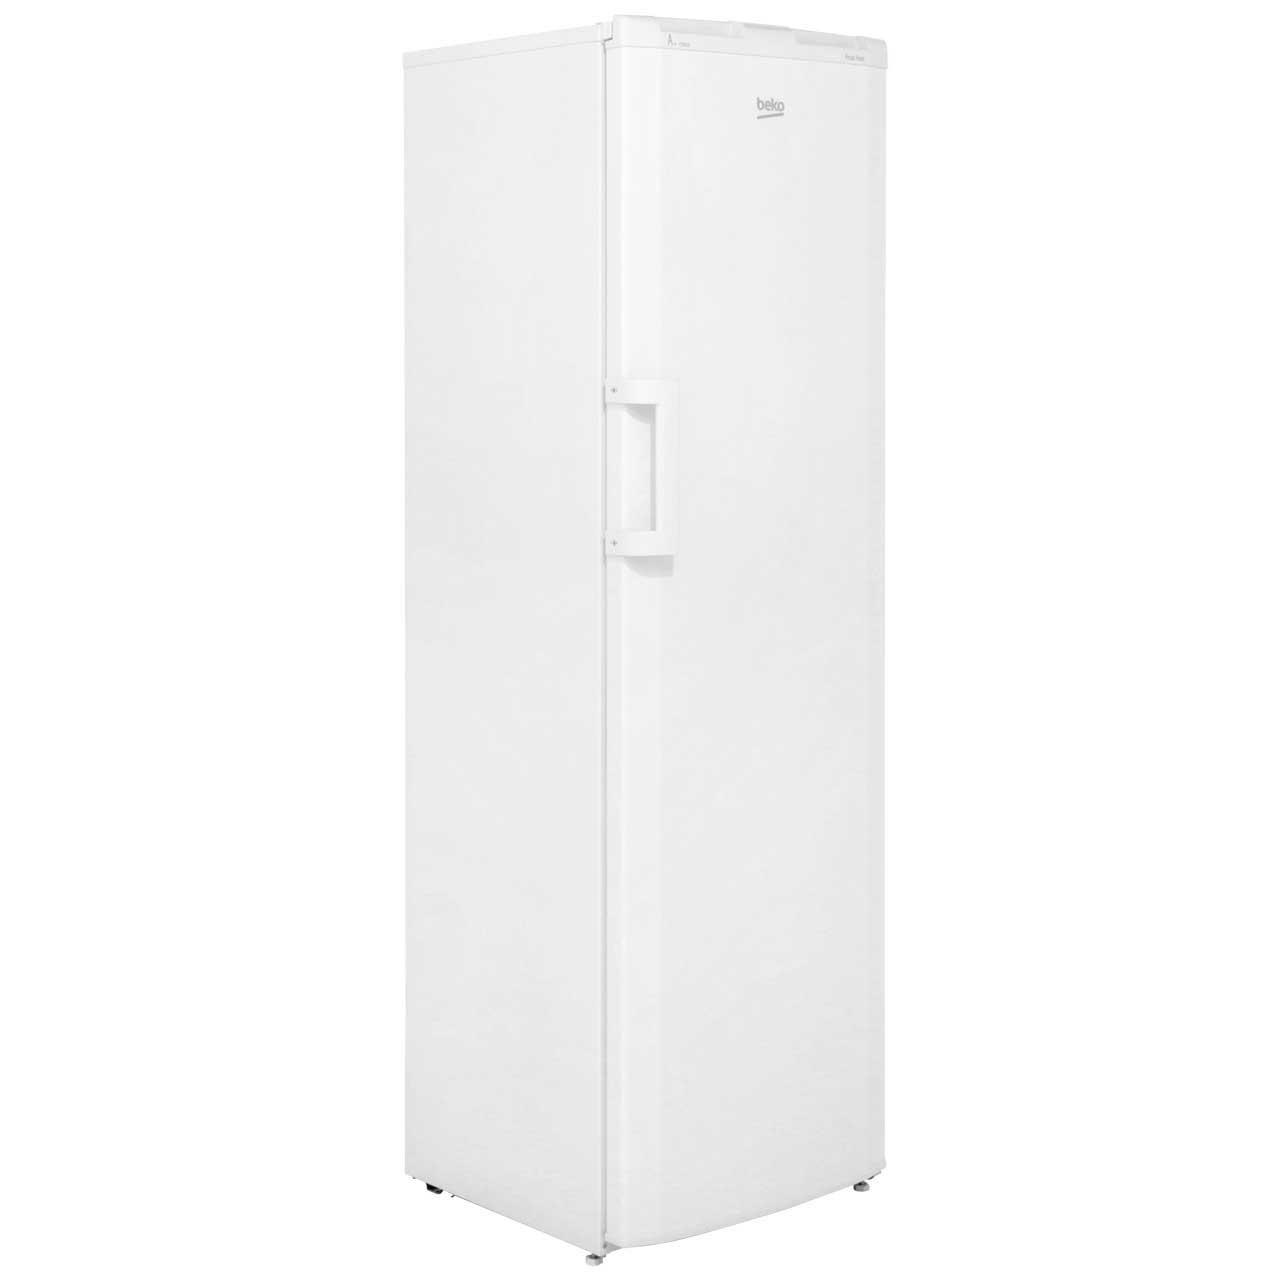 Beko Tff577apw Upright Freezer White